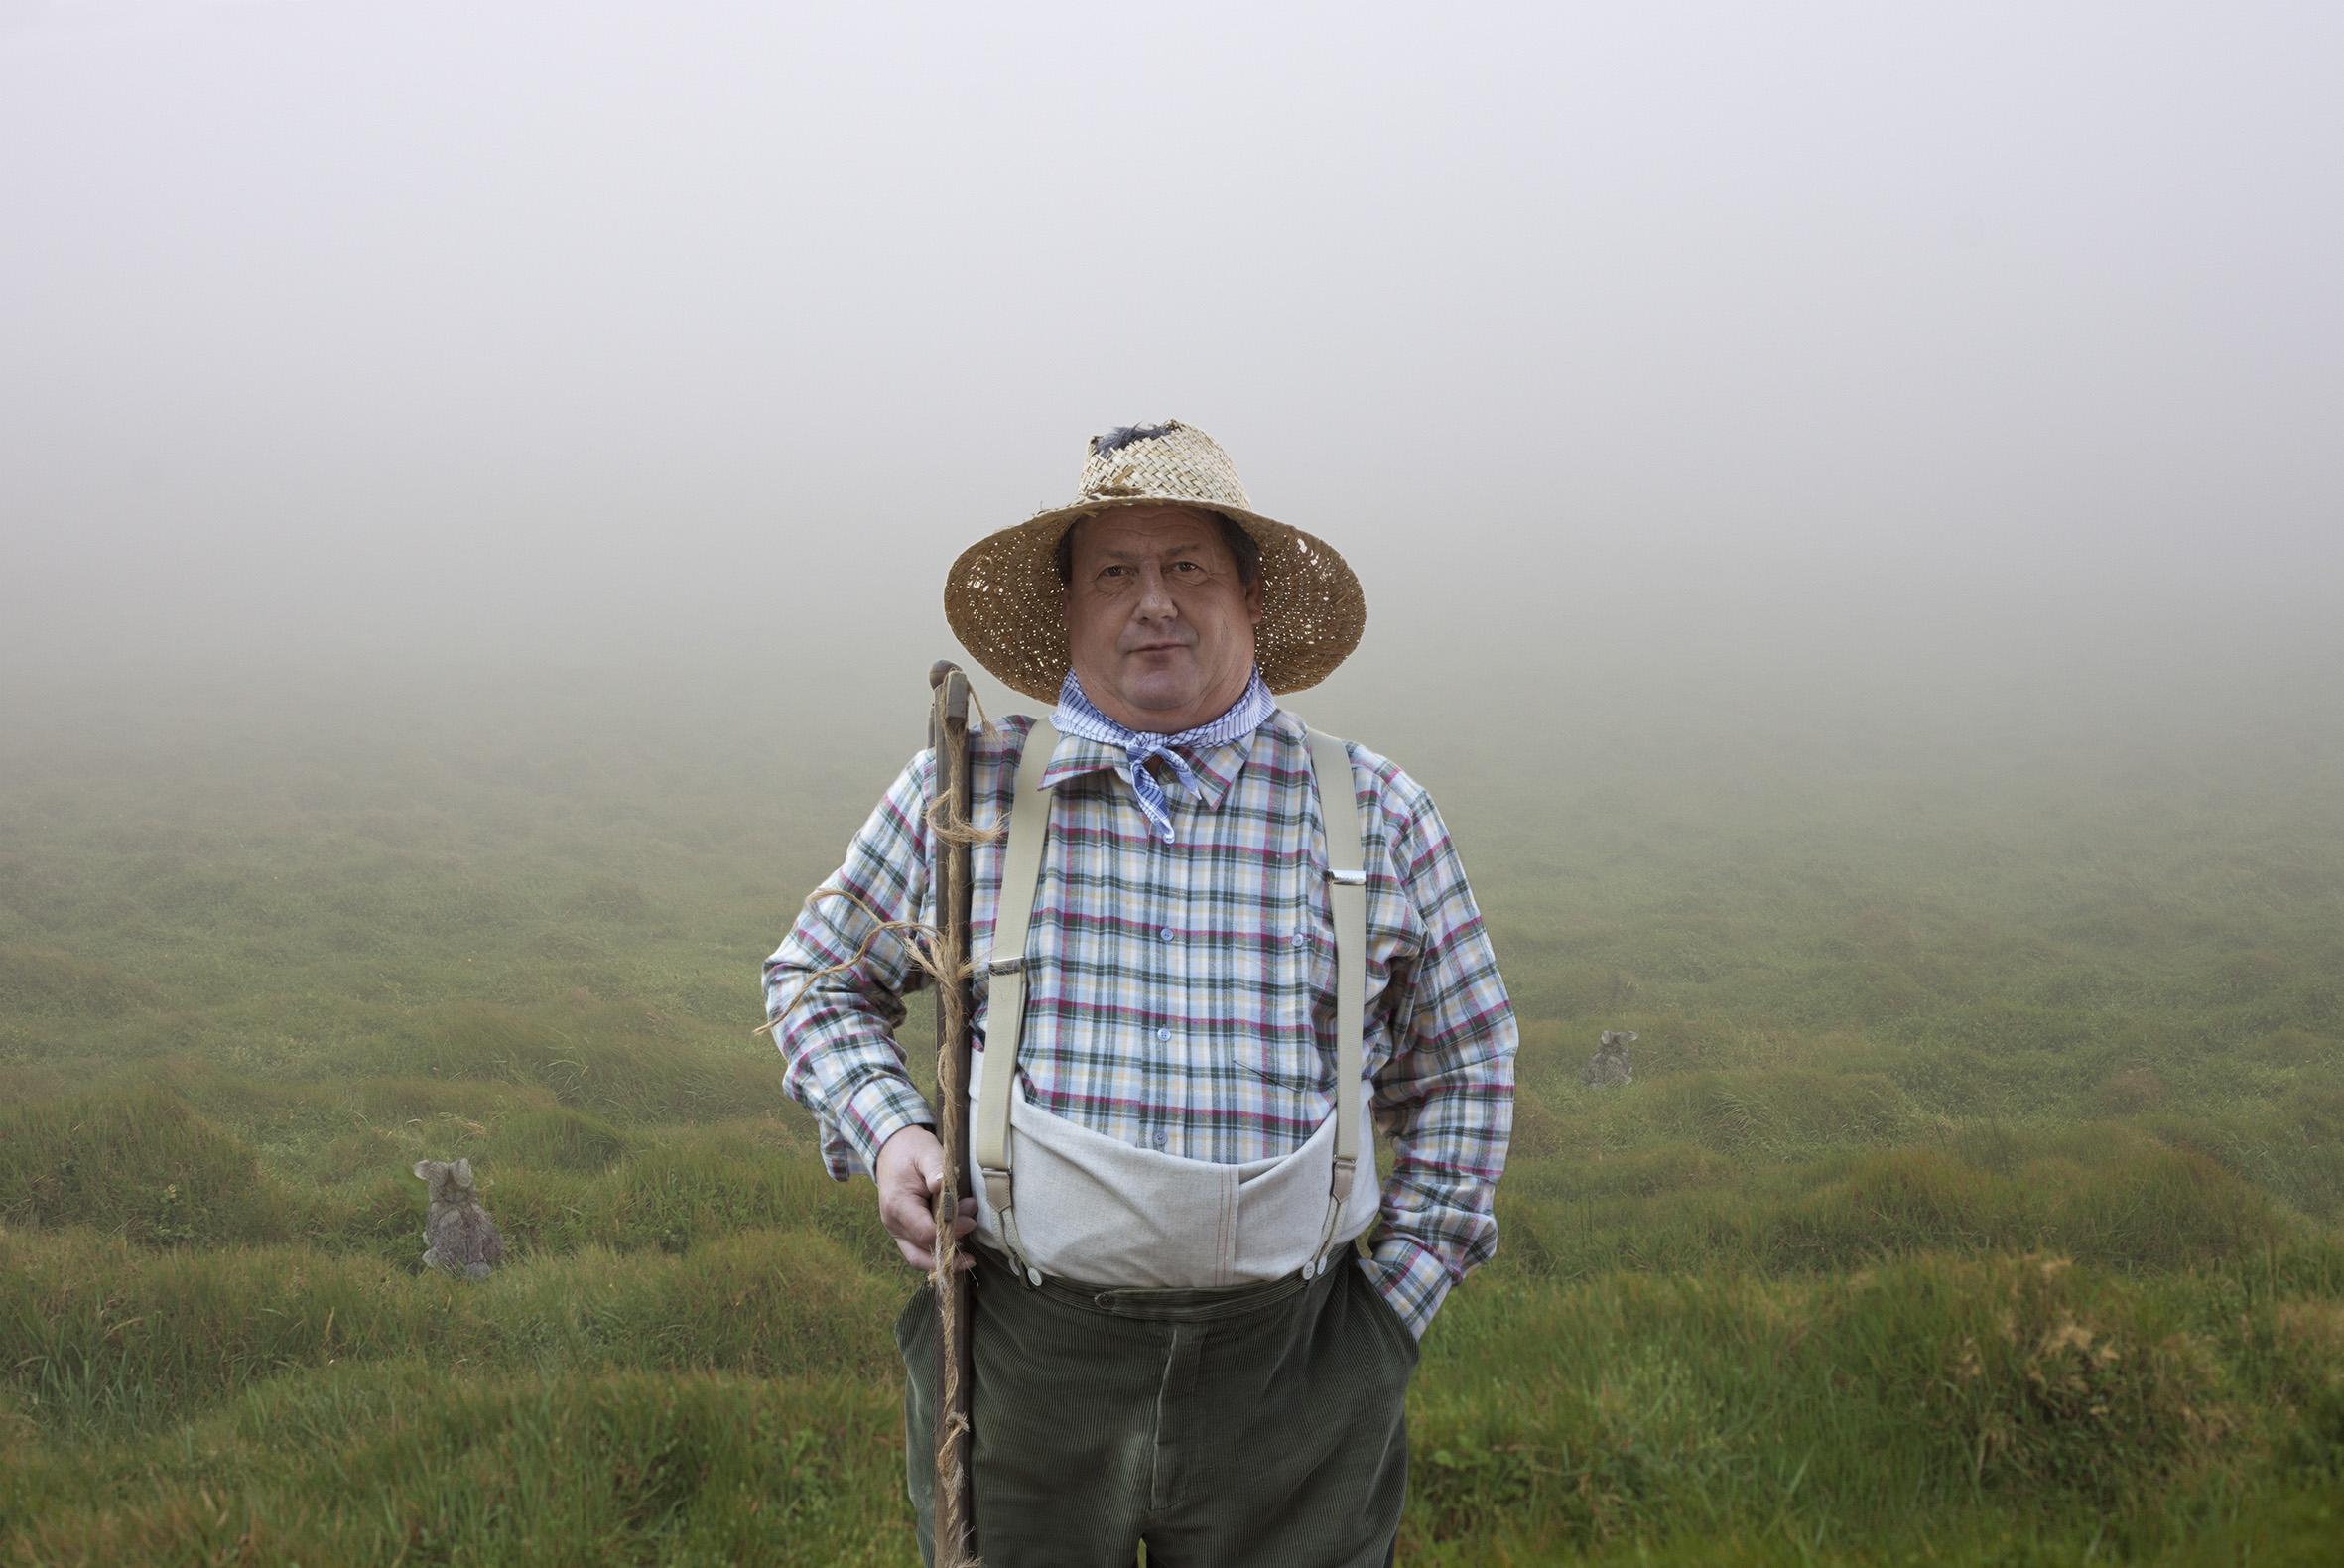 Ann Eringstam - Out of the fog 1